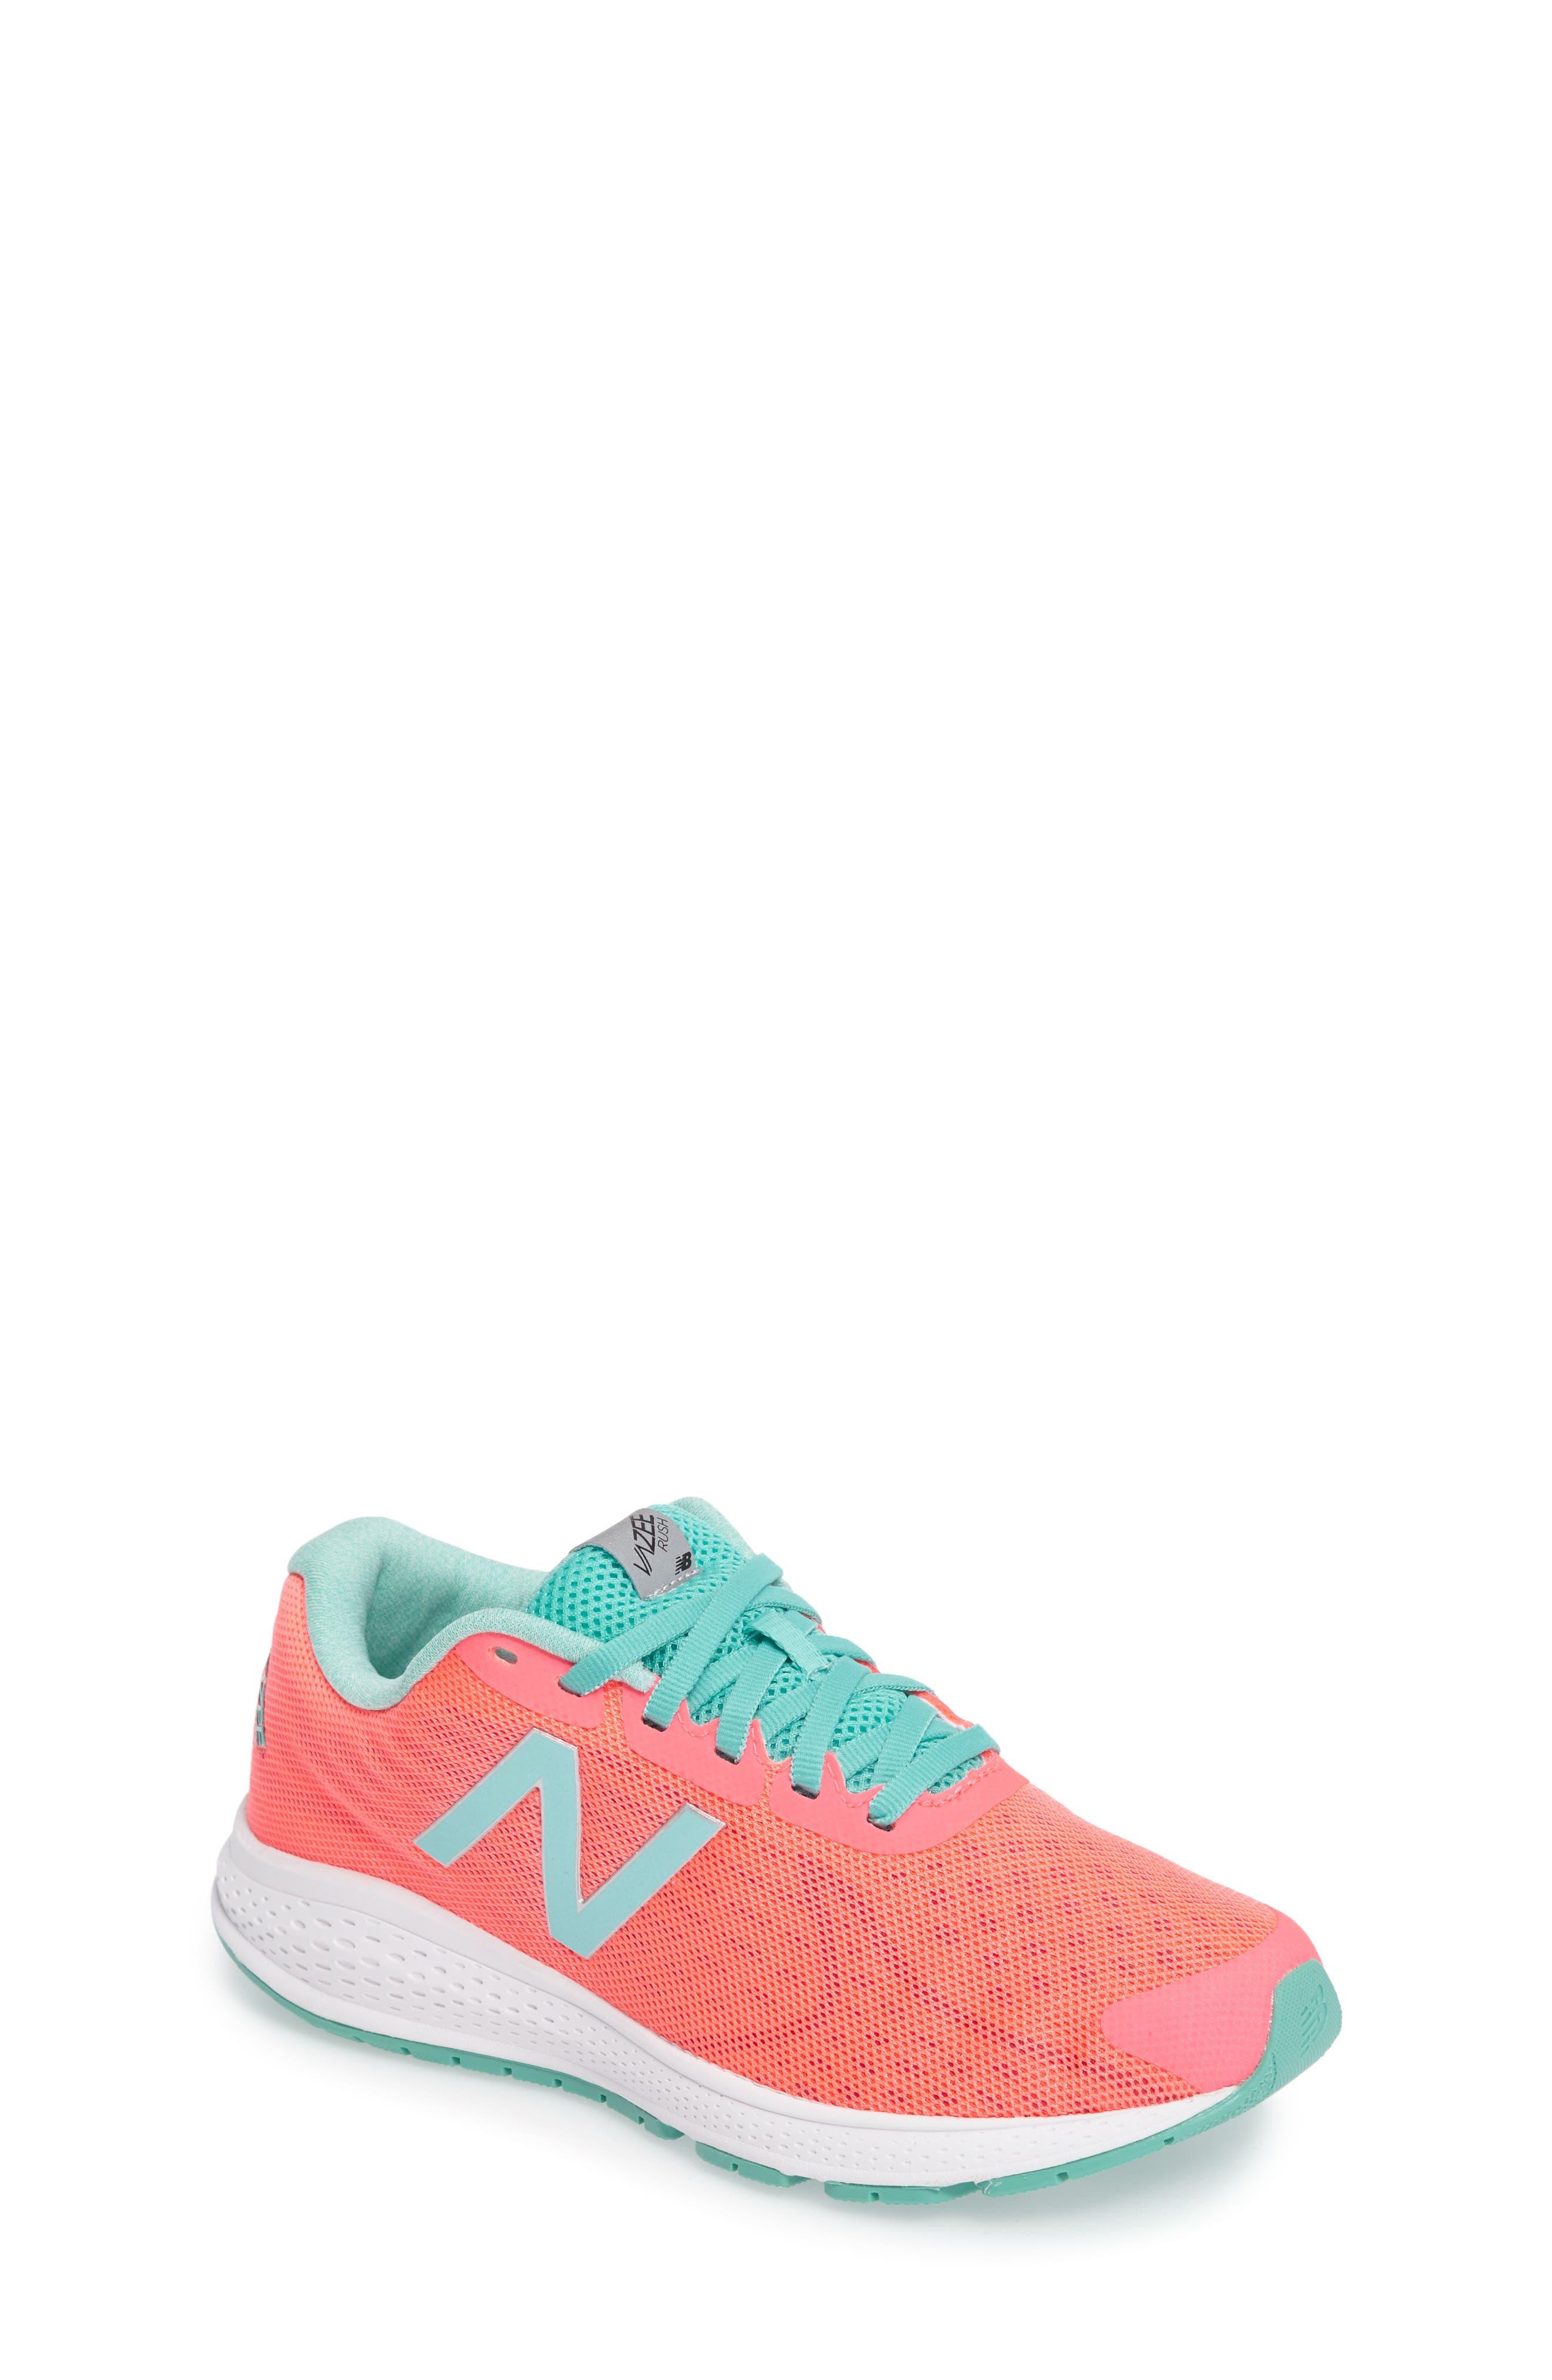 NEW BALANCE Vazee Rush Sneaker